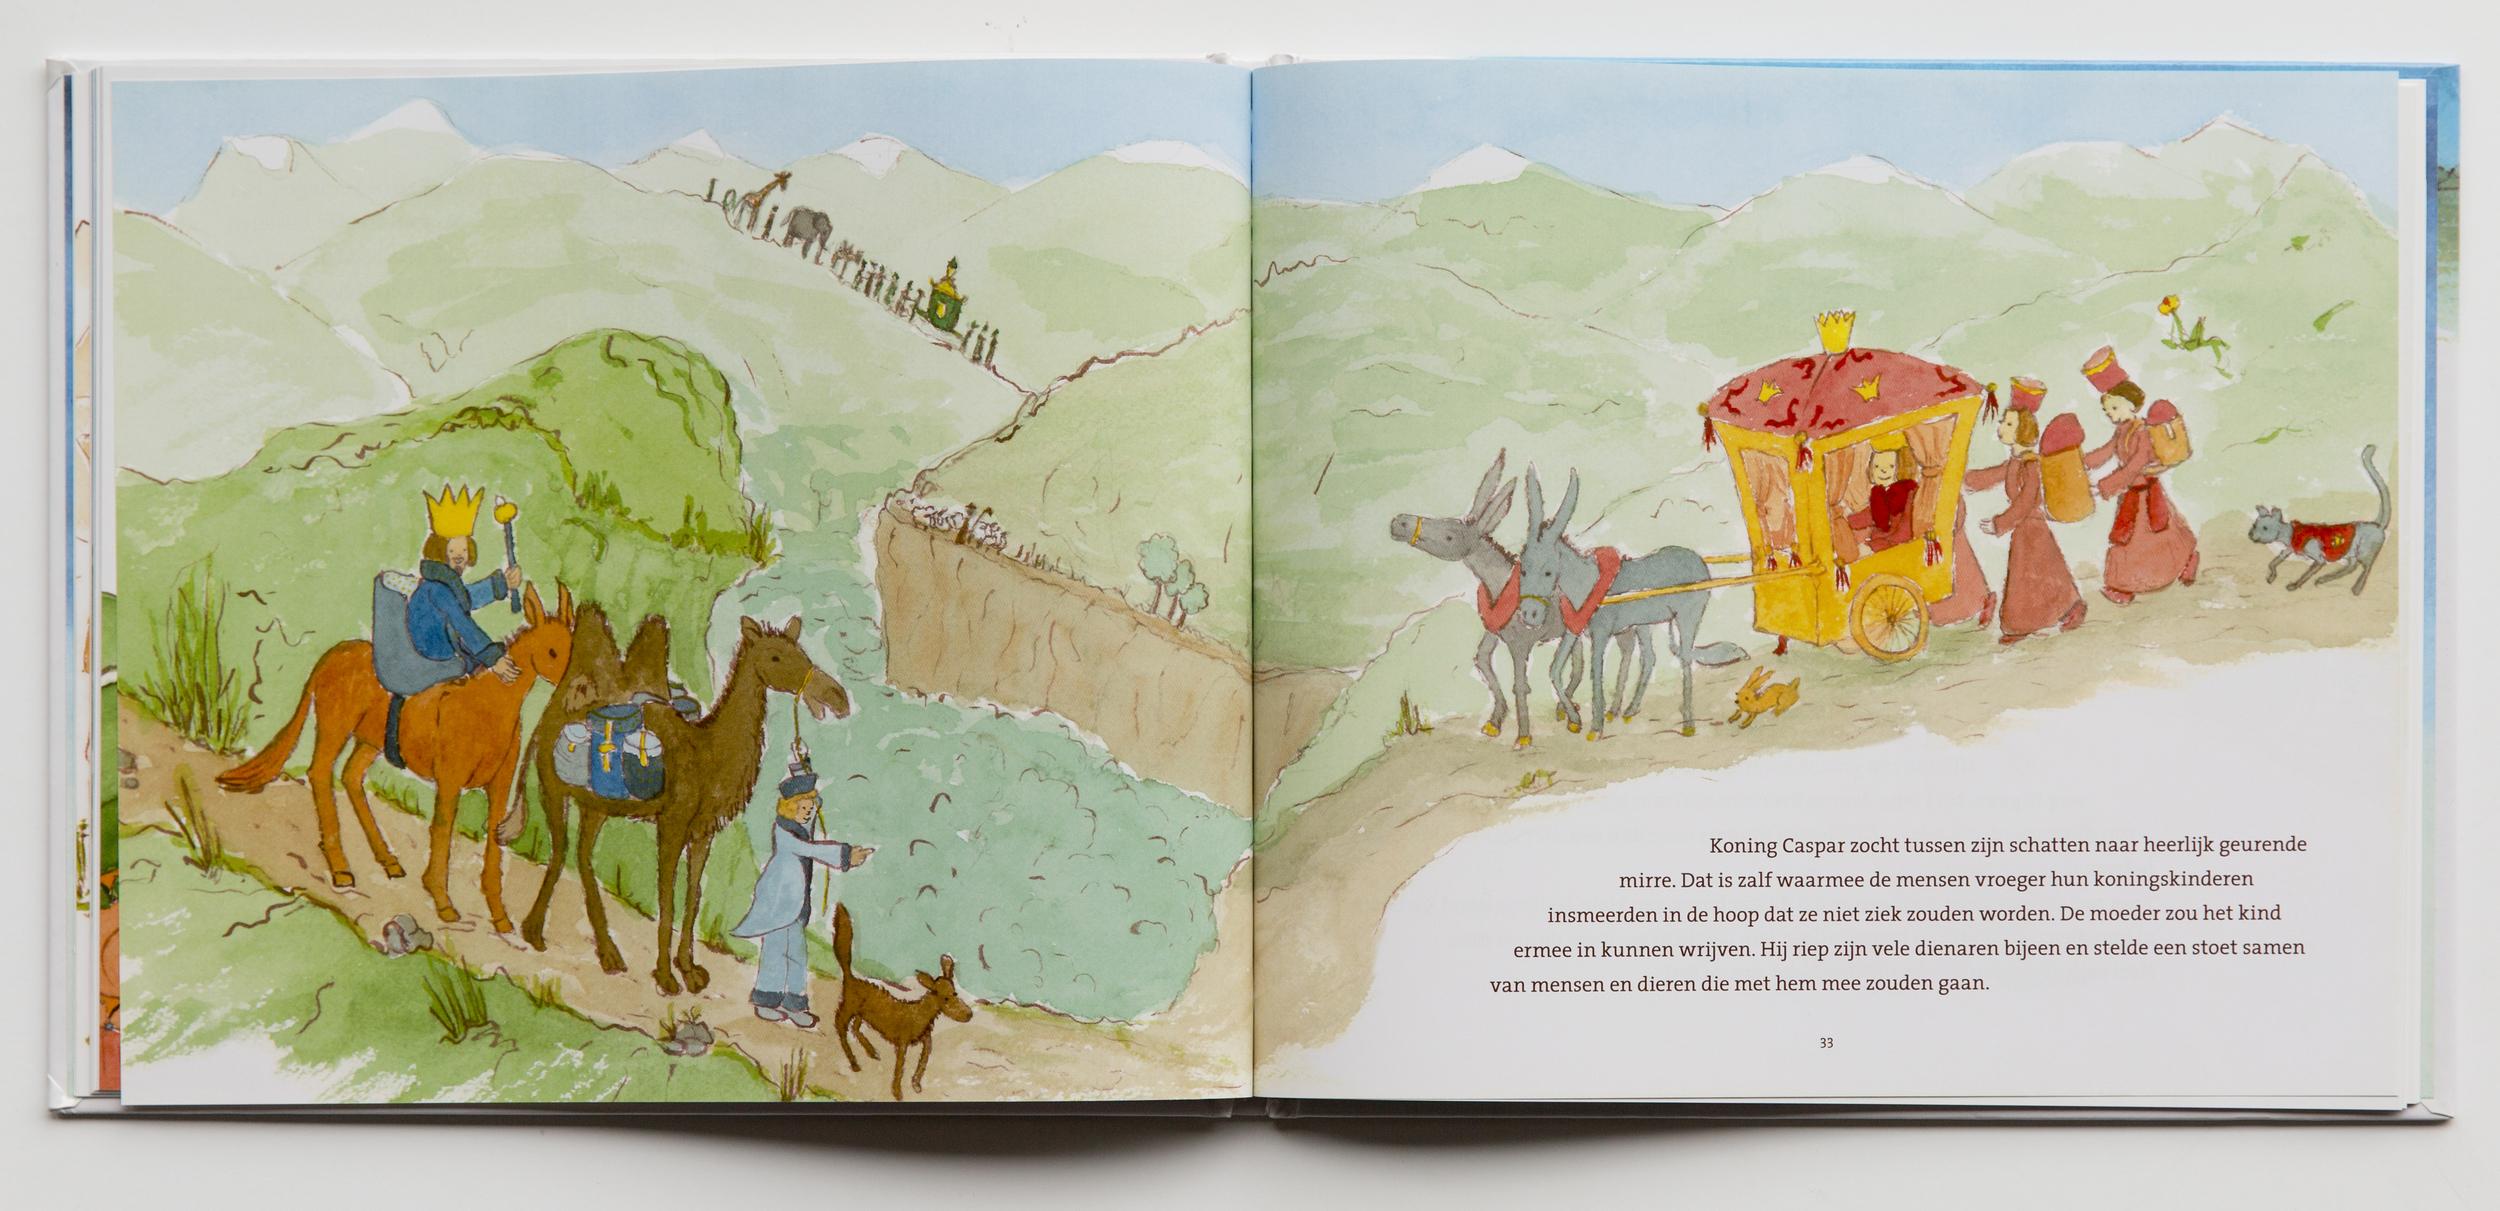 Kerstmis met jonge kinderenboek_2.JPG